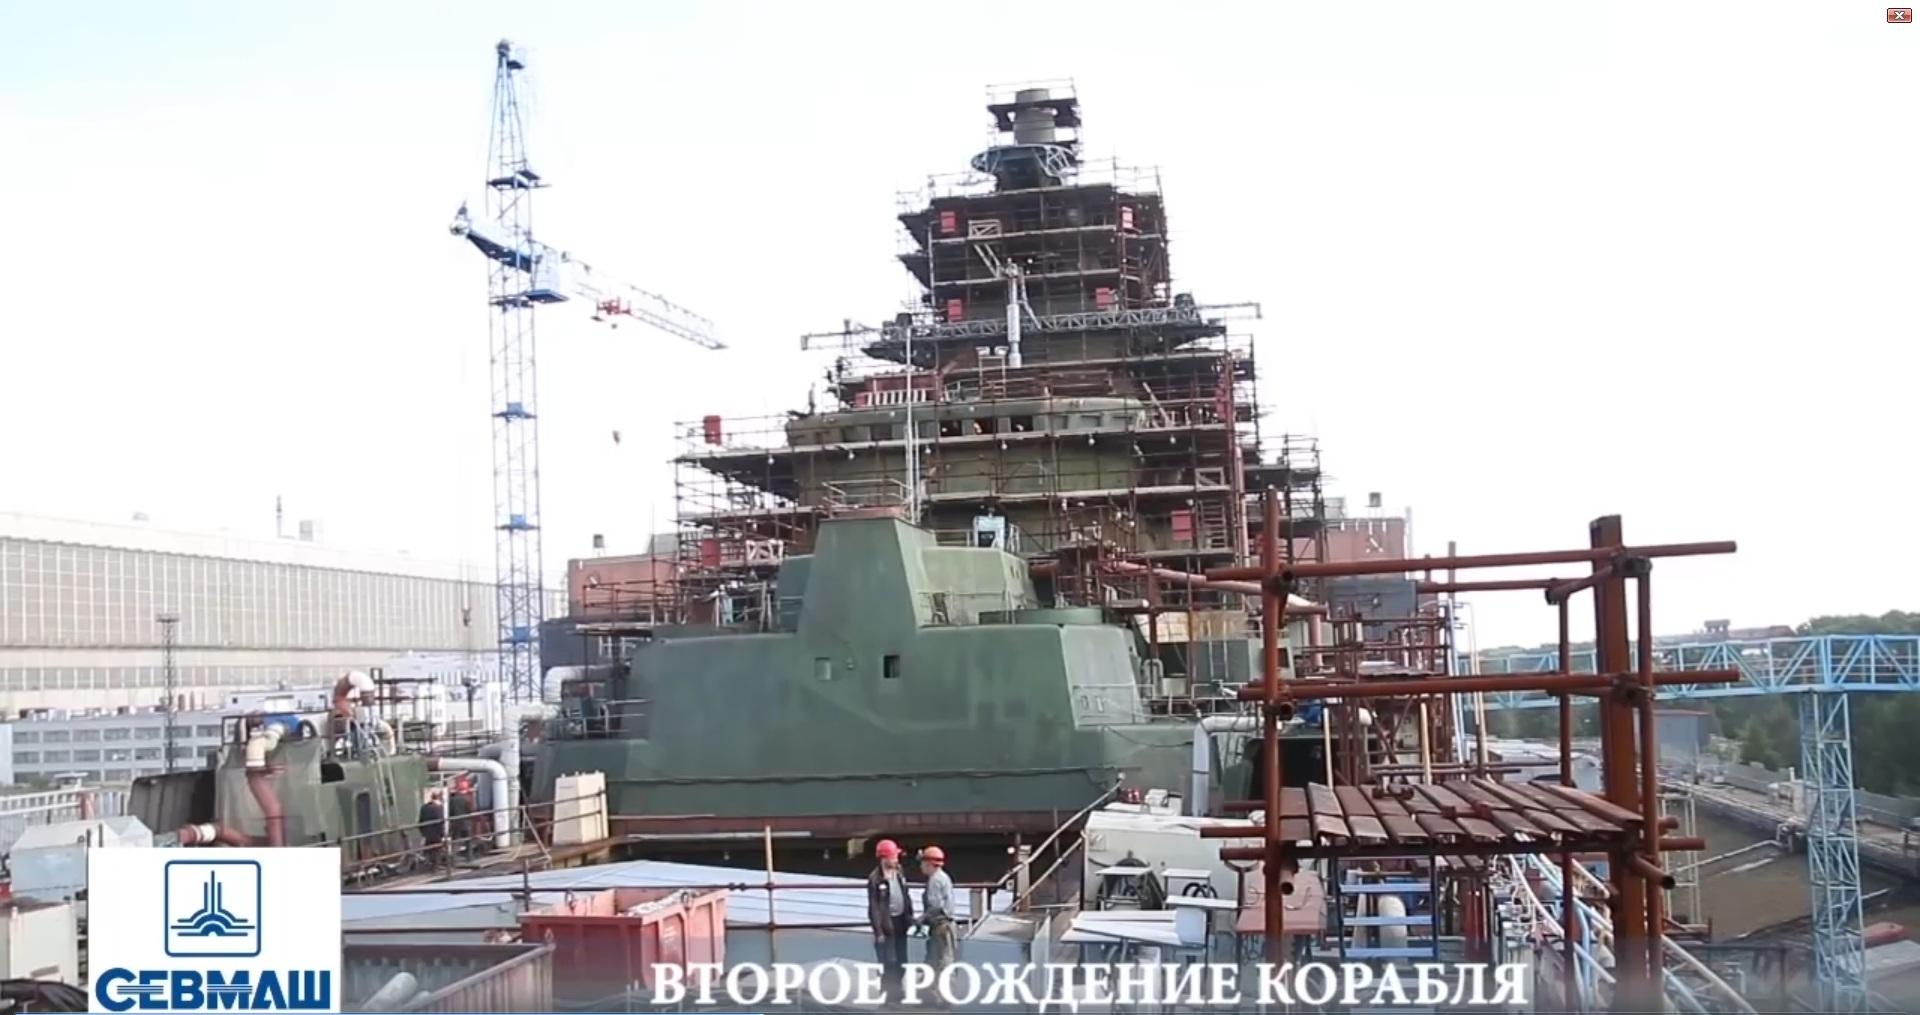 ремонт адмирал нахимов крейсер фото прихожую должна быть